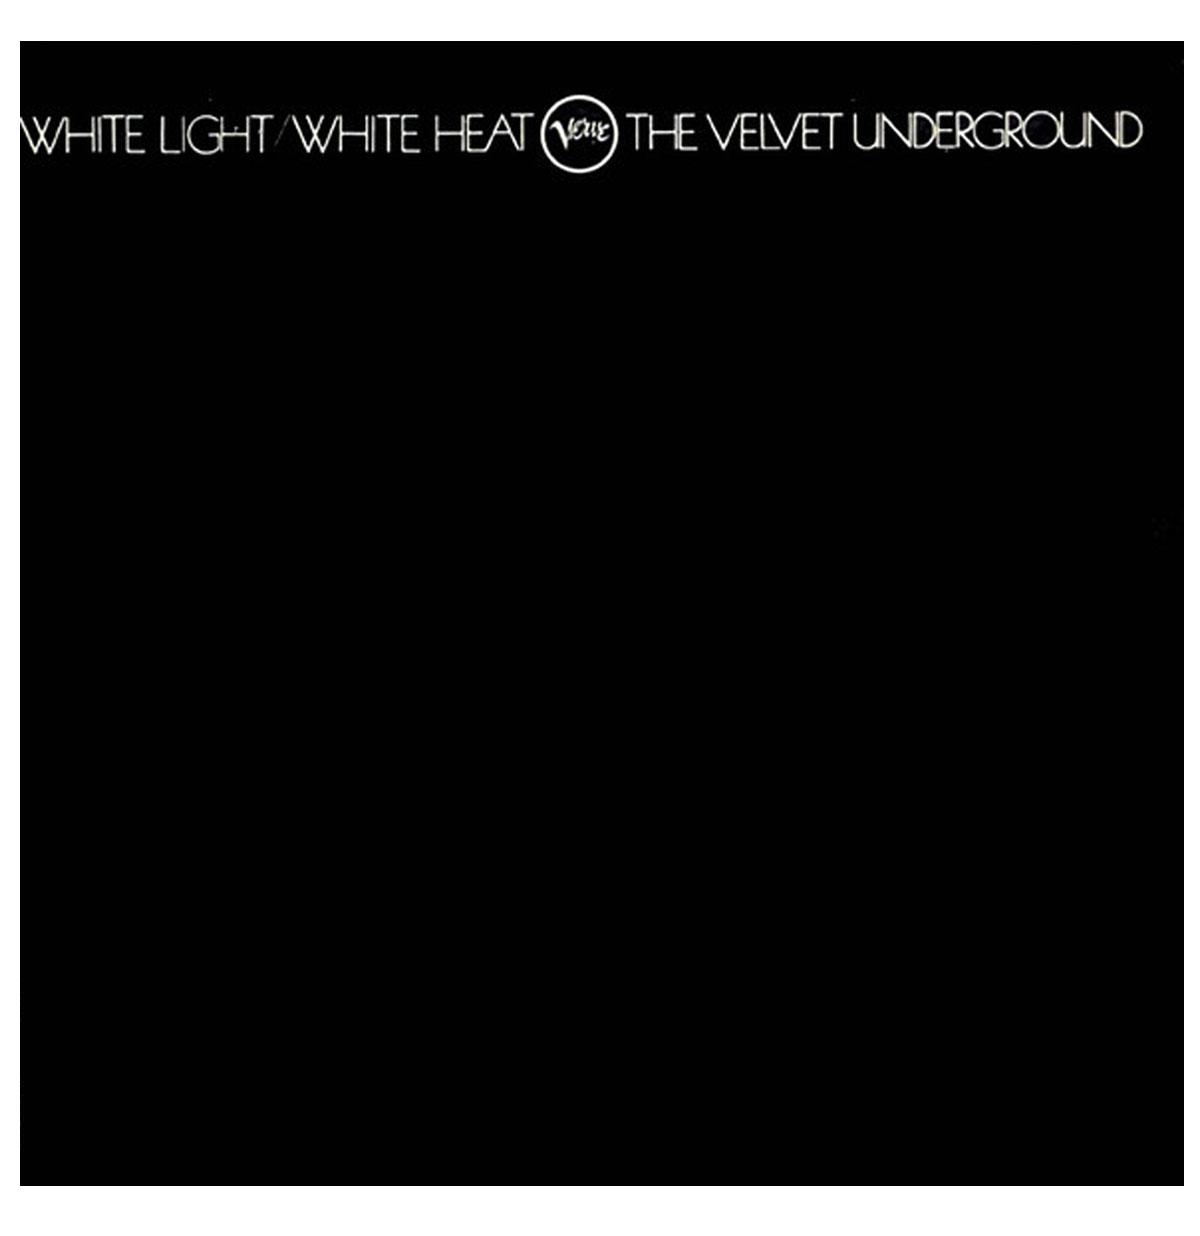 Velvet Underground - White Light / White Heat LP